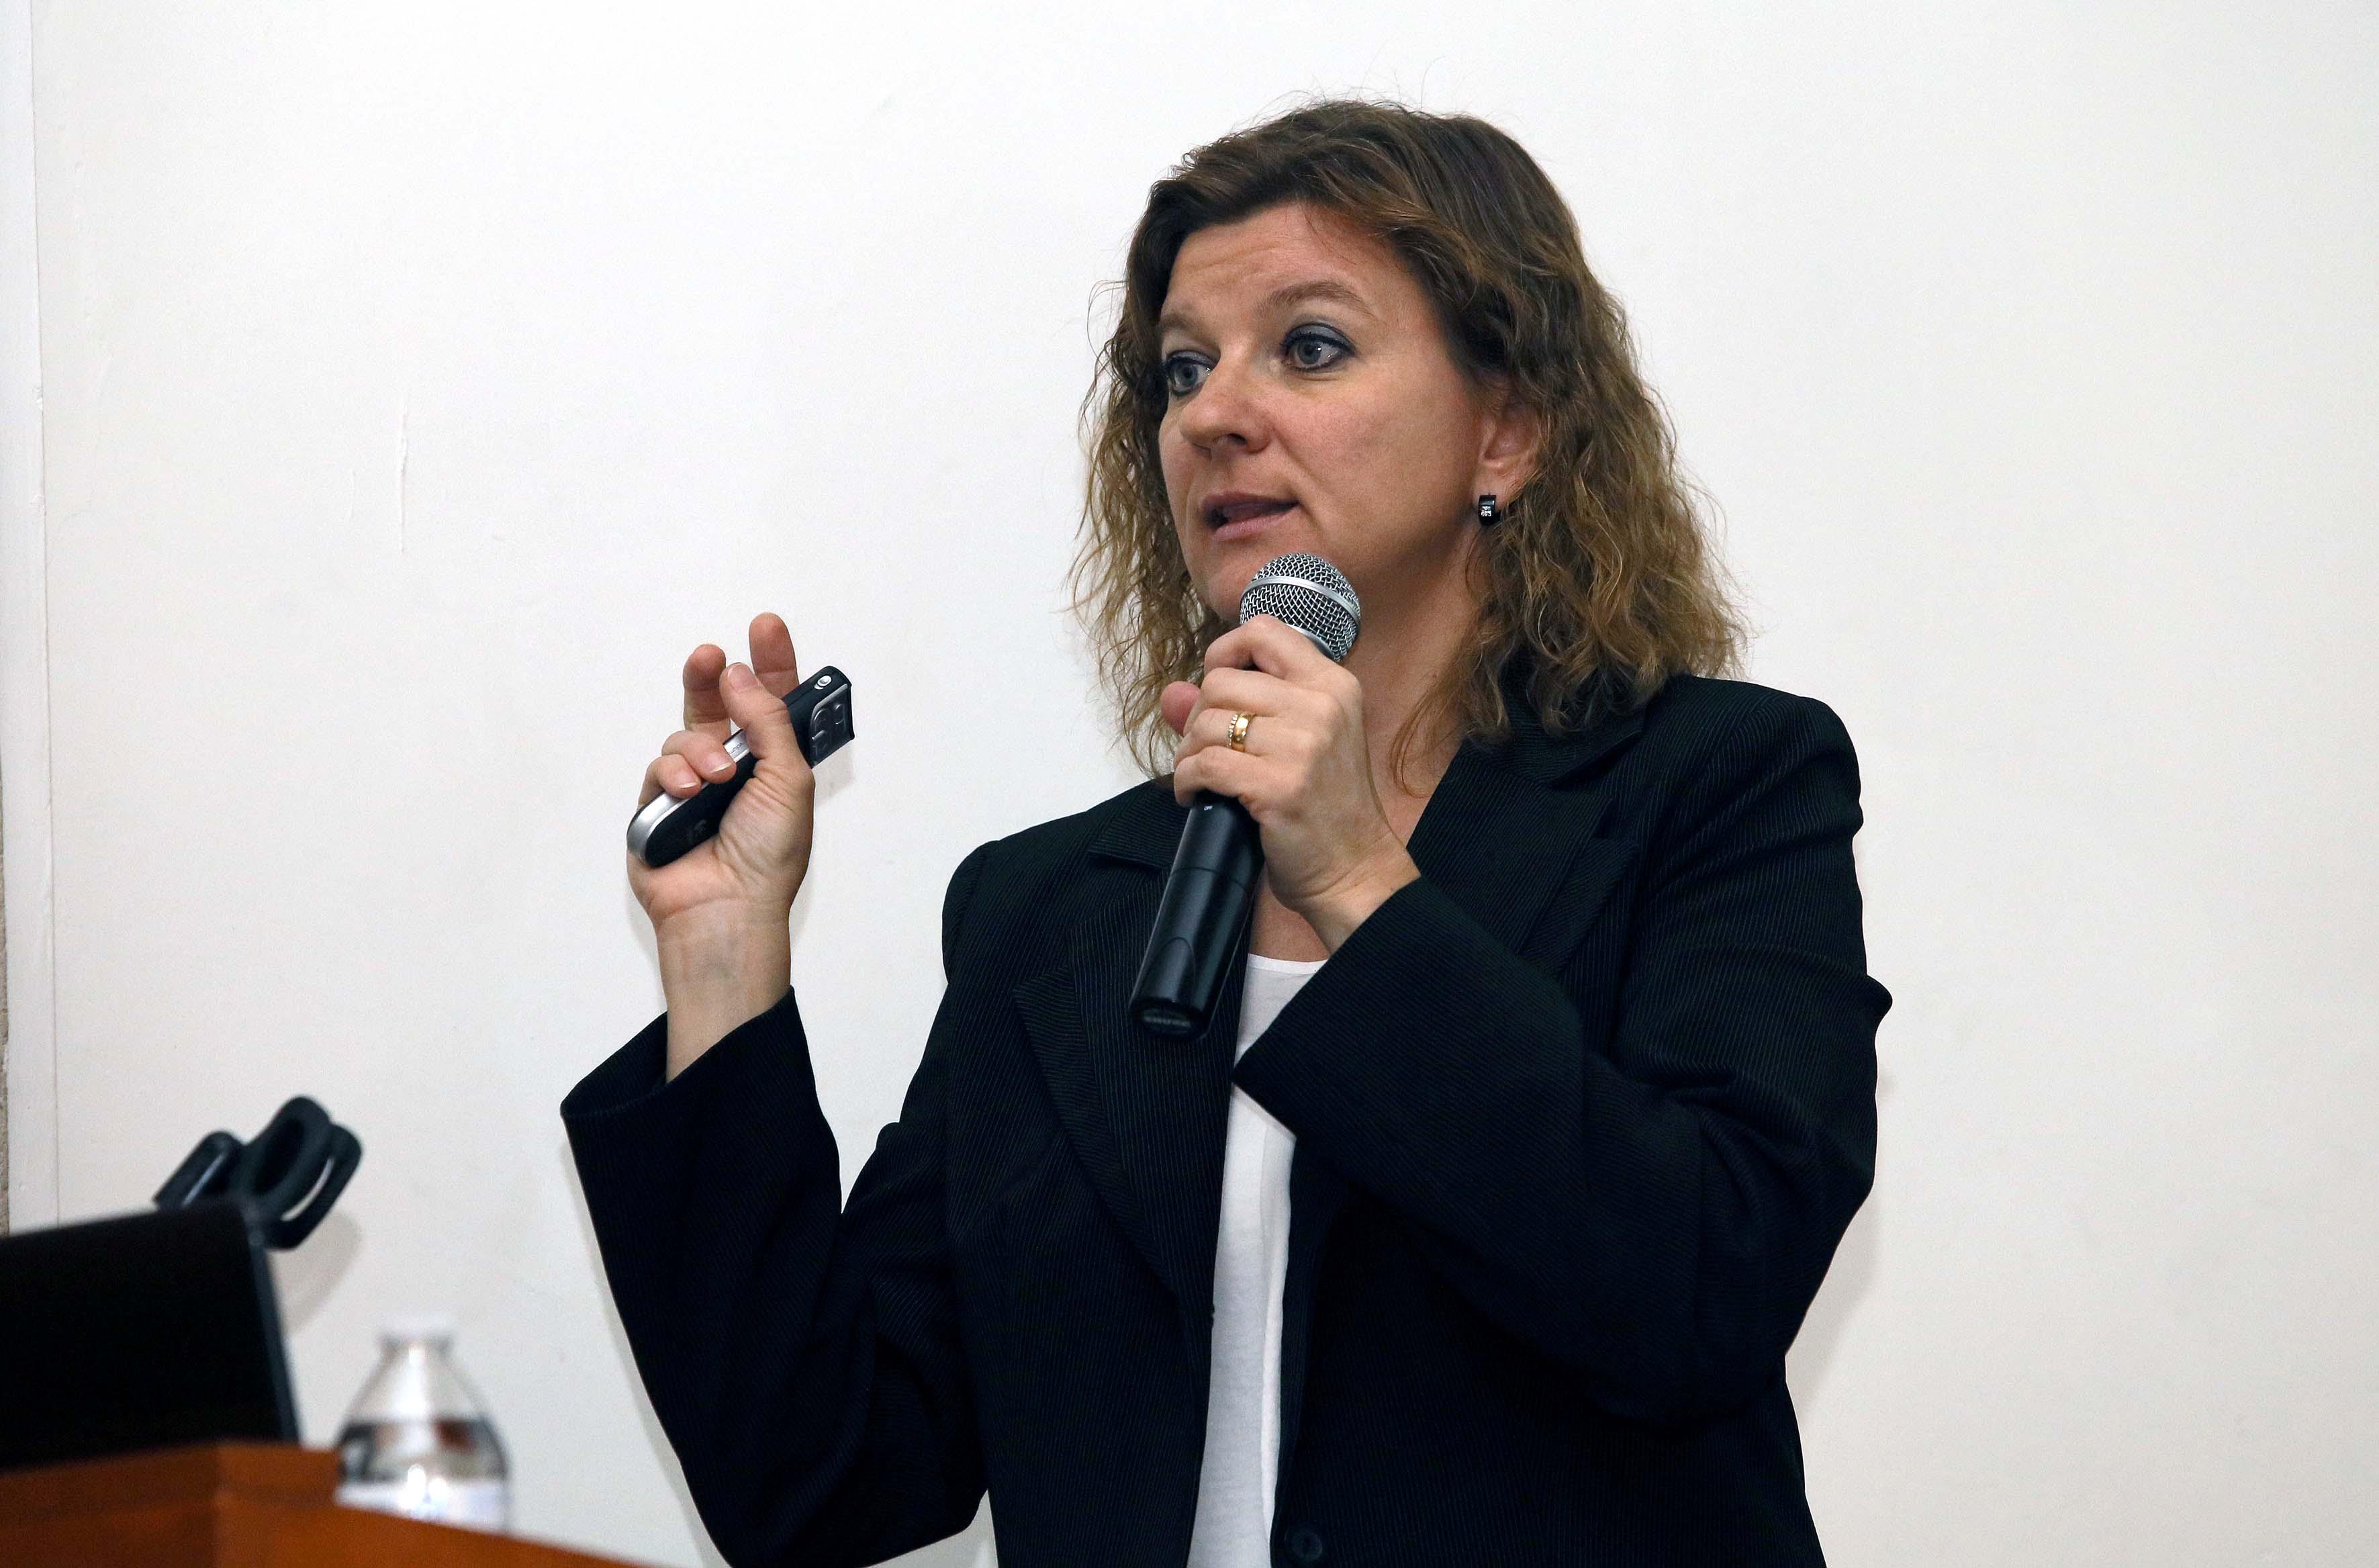 Doctora Olga Inozemtseva, participando en la conferencia